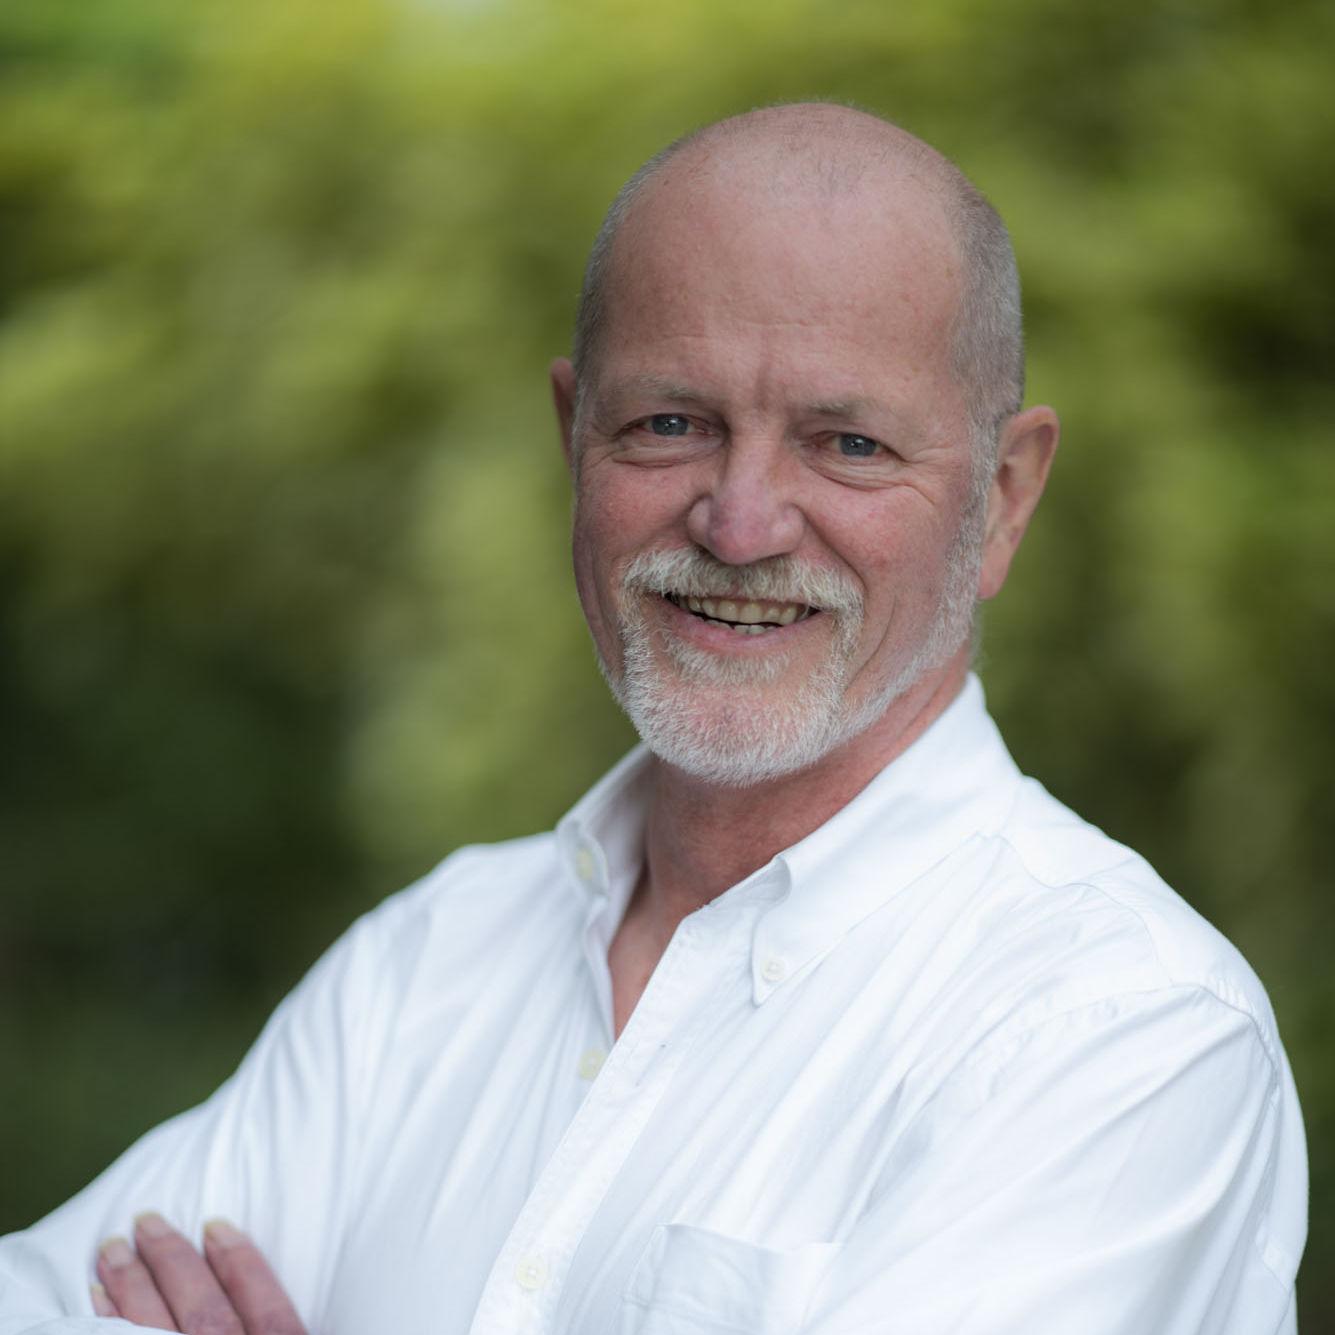 Ron Schuuran